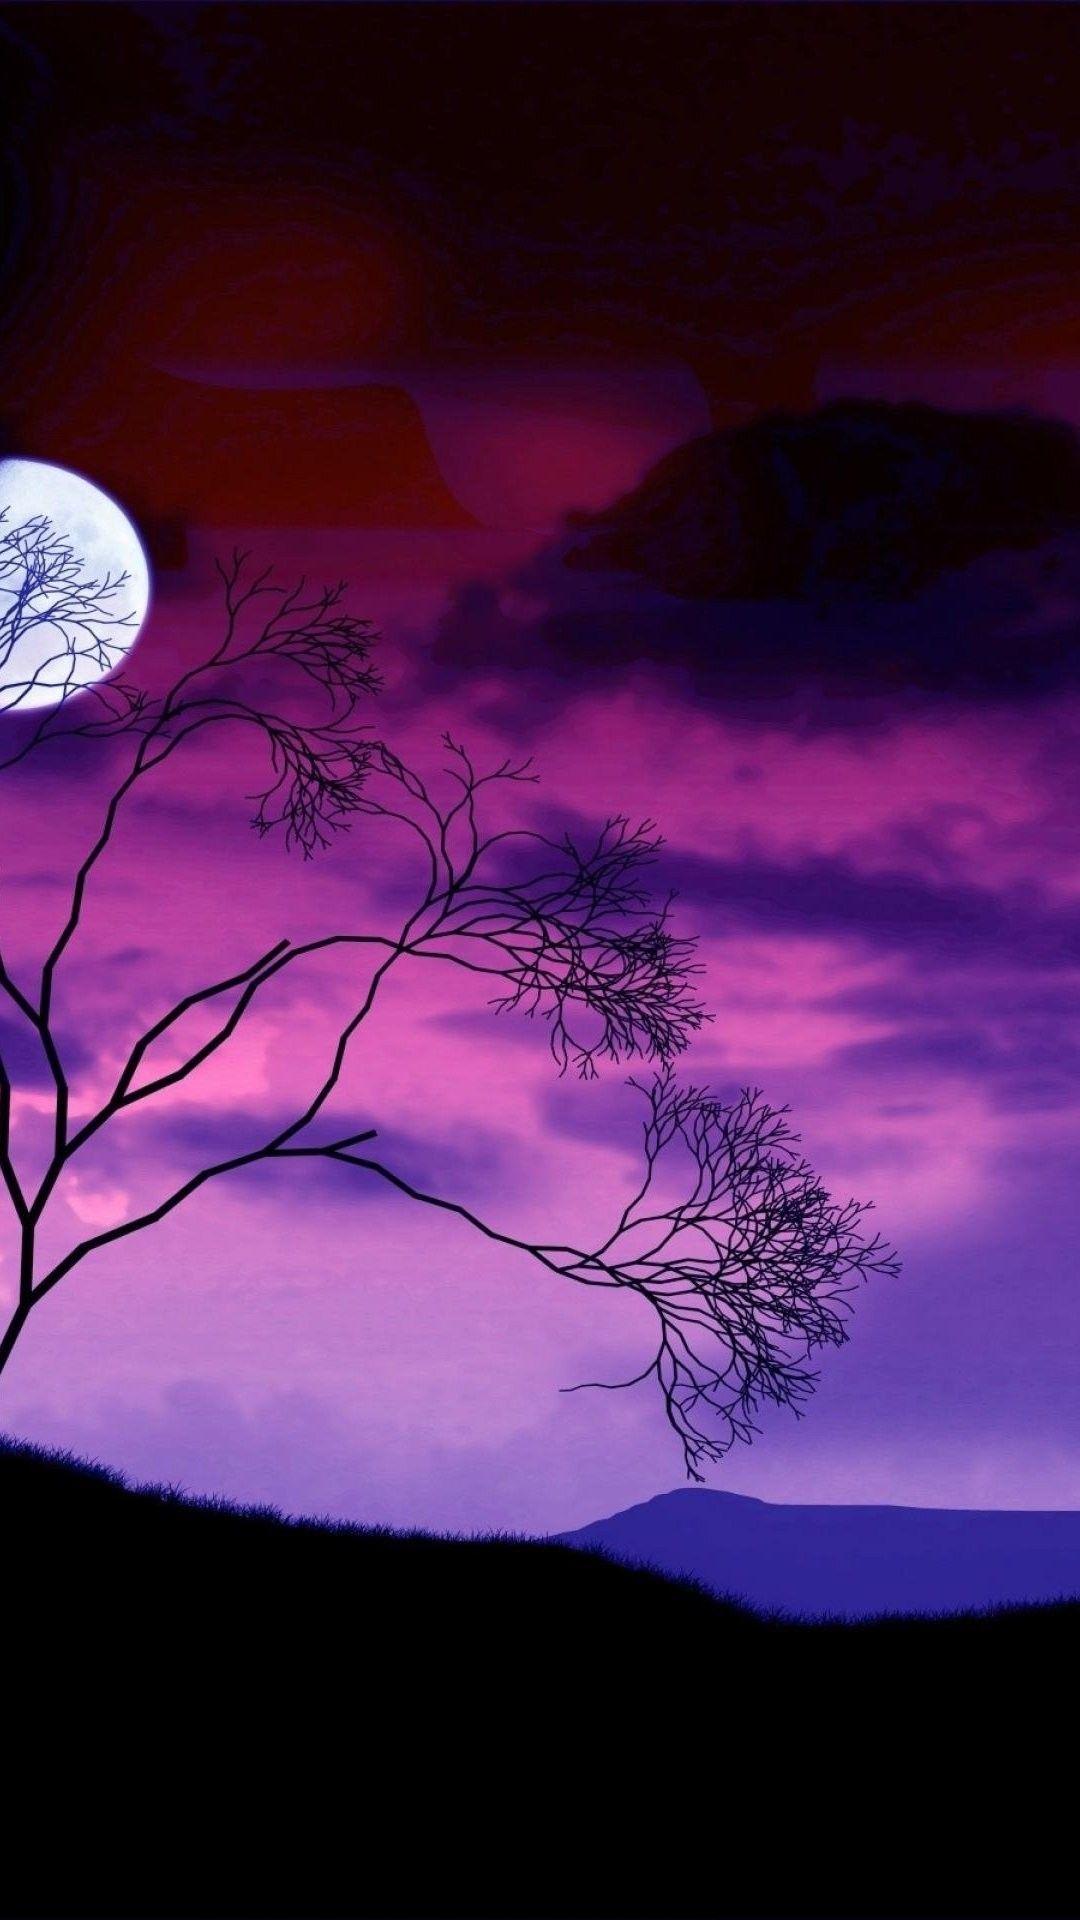 Full Moon Wallpaper Hd Iphone Best Wallpaper Hd Beautiful Moon Nature Beautiful Sky